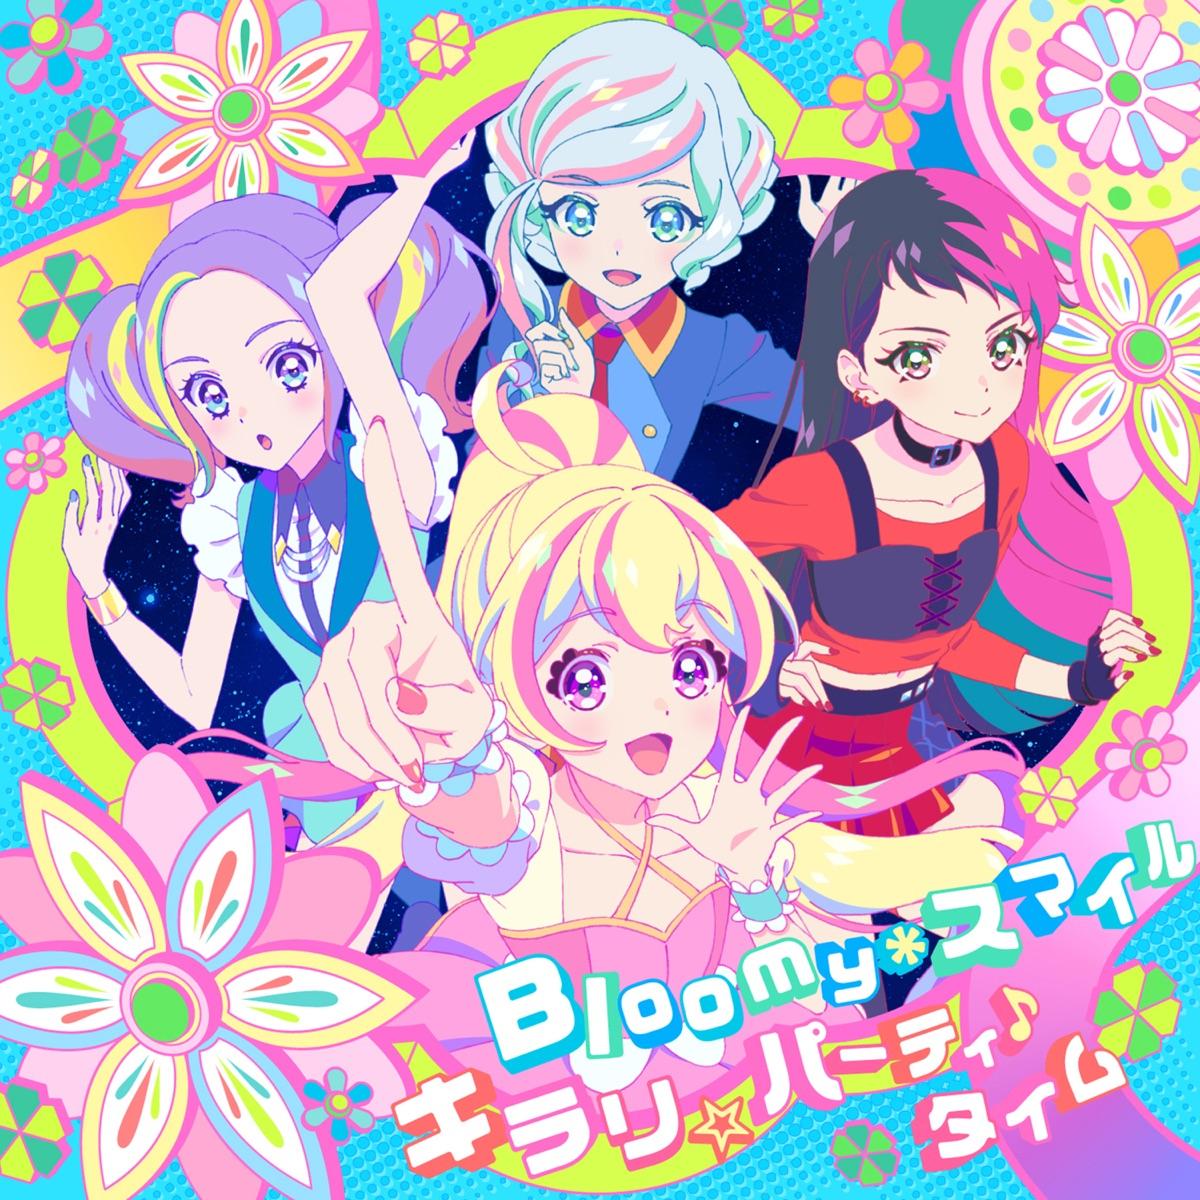 『STARRY PLANET☆ - HAPPY∞アイカツ! 歌詞』収録の『Bloomy*スマイル / キラリ☆パーティ♪タイム』ジャケット